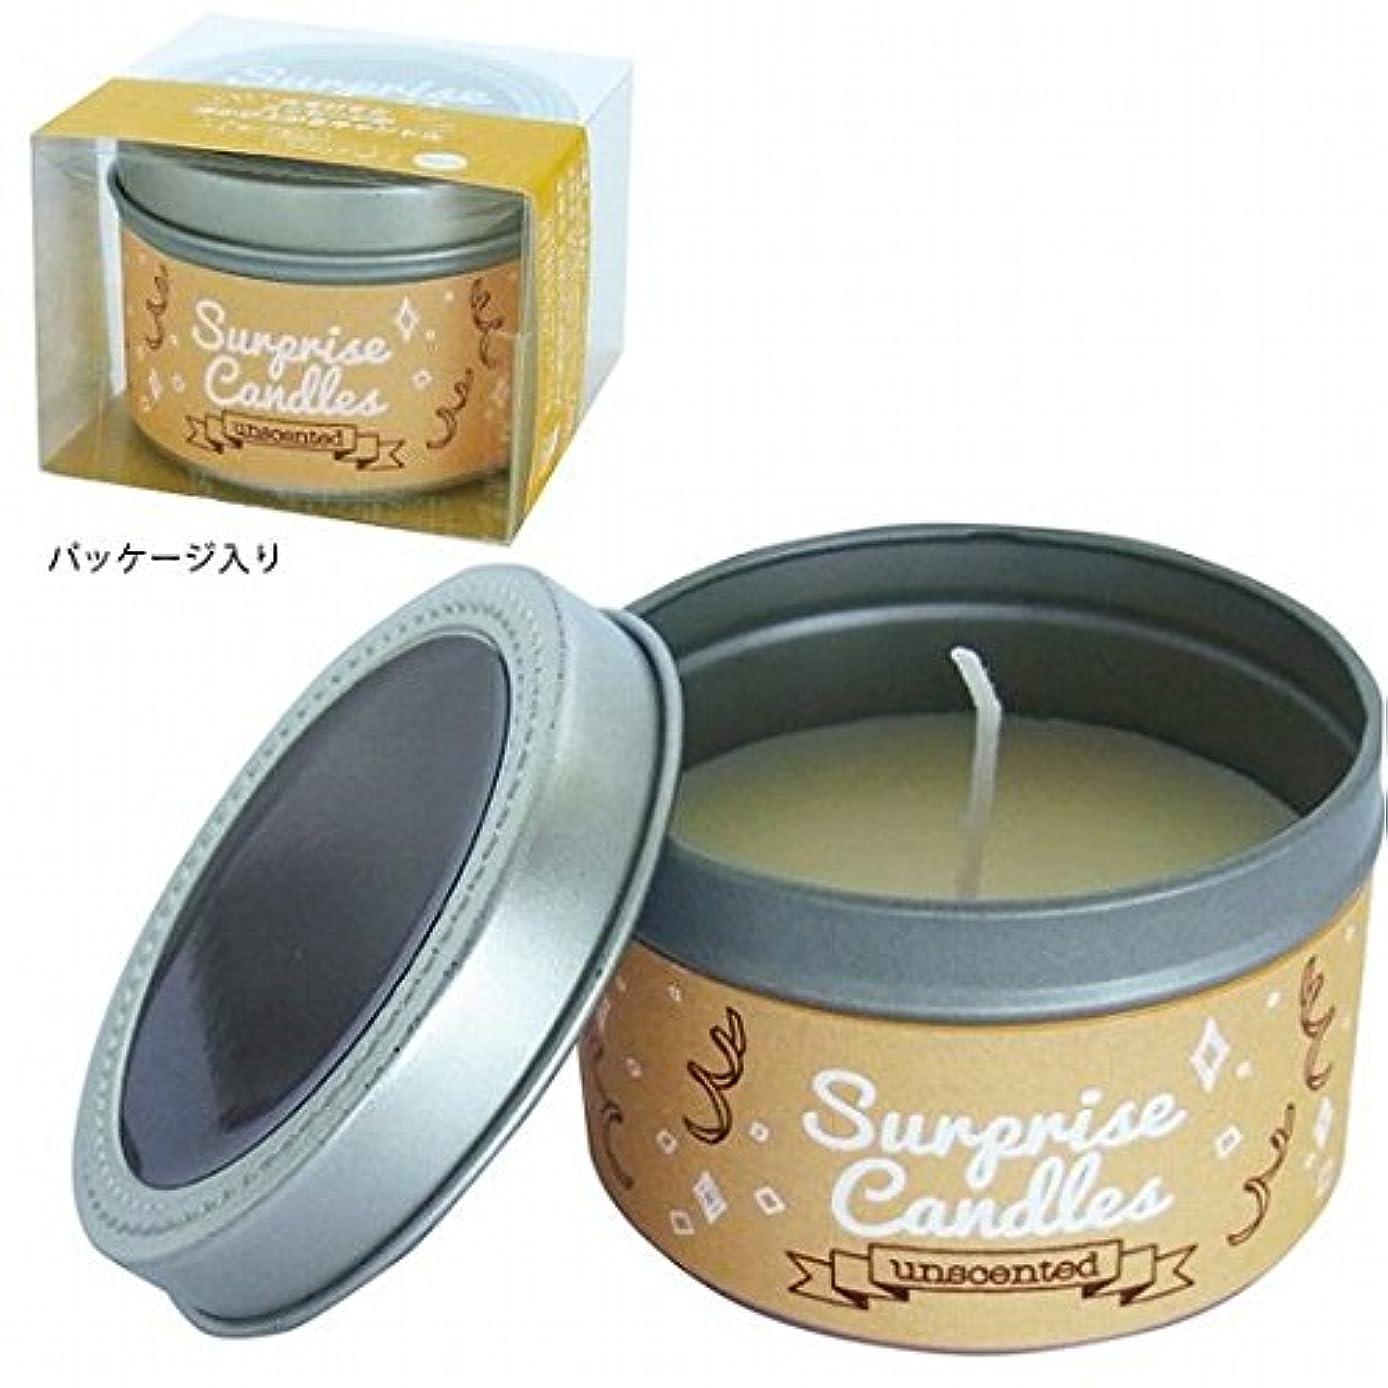 駅一掃するデンプシーkameyama candle(カメヤマキャンドル) サプライズキャンドル 「無香」(A207005010)